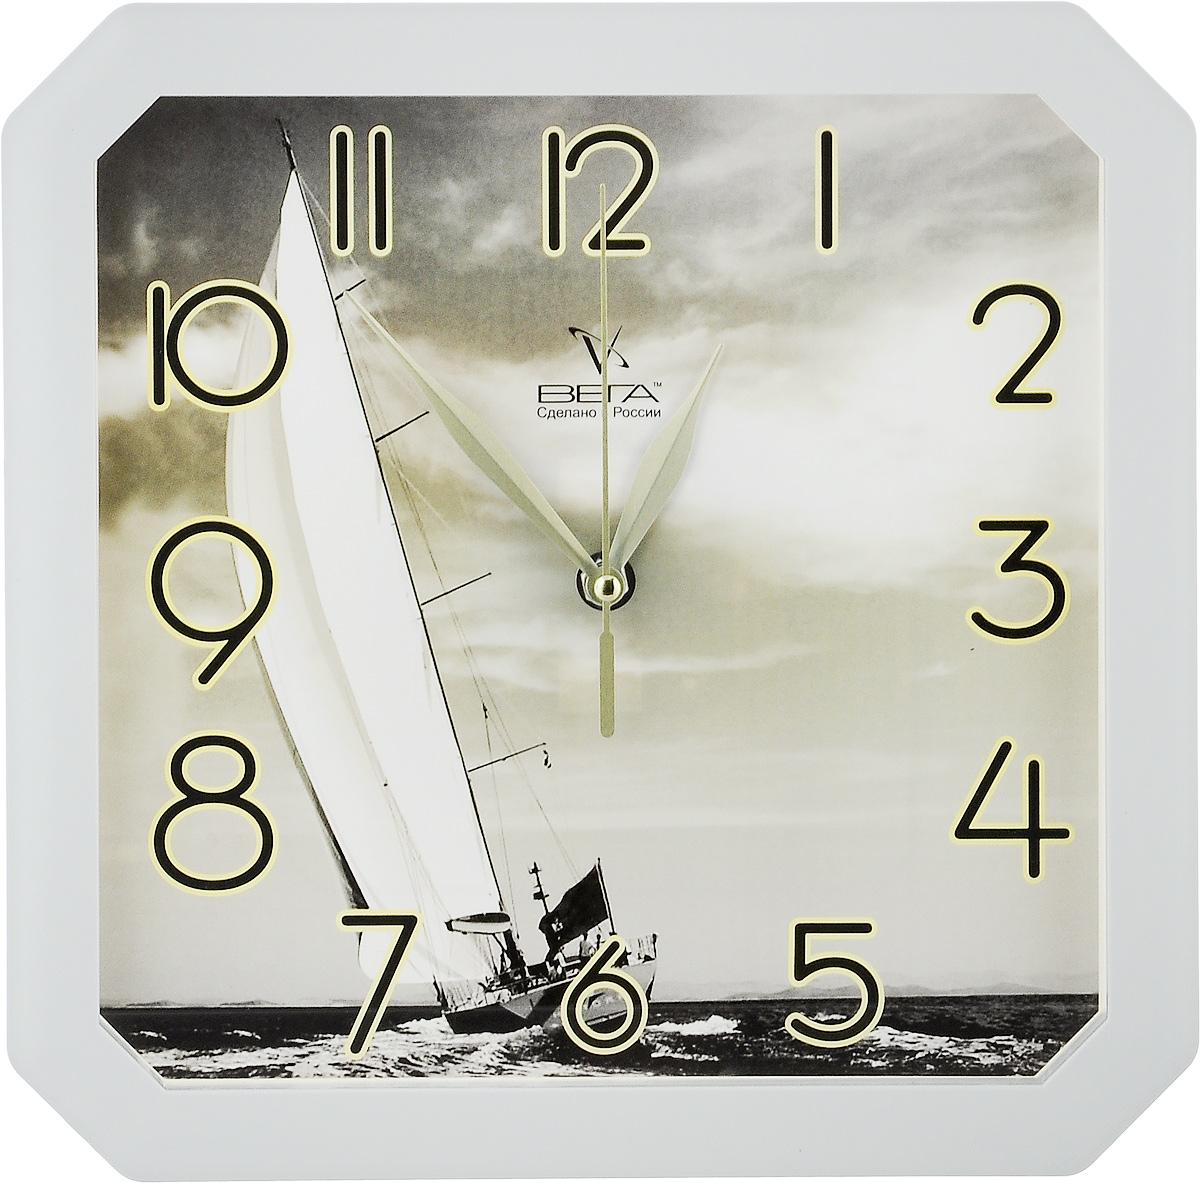 Часы настенные Вега Яхта, 28 х 28 х 4 смП4-5/7-7Настенные кварцевые часы Вега Яхта, изготовленные из пластика, прекрасно впишутся в интерьервашего дома. Часы имеют три стрелки: часовую,минутную и секундную, циферблат защищен прозрачным стеклом.Часы работают от 1 батарейки типа АА напряжением 1,5 В (не входит в комплект).